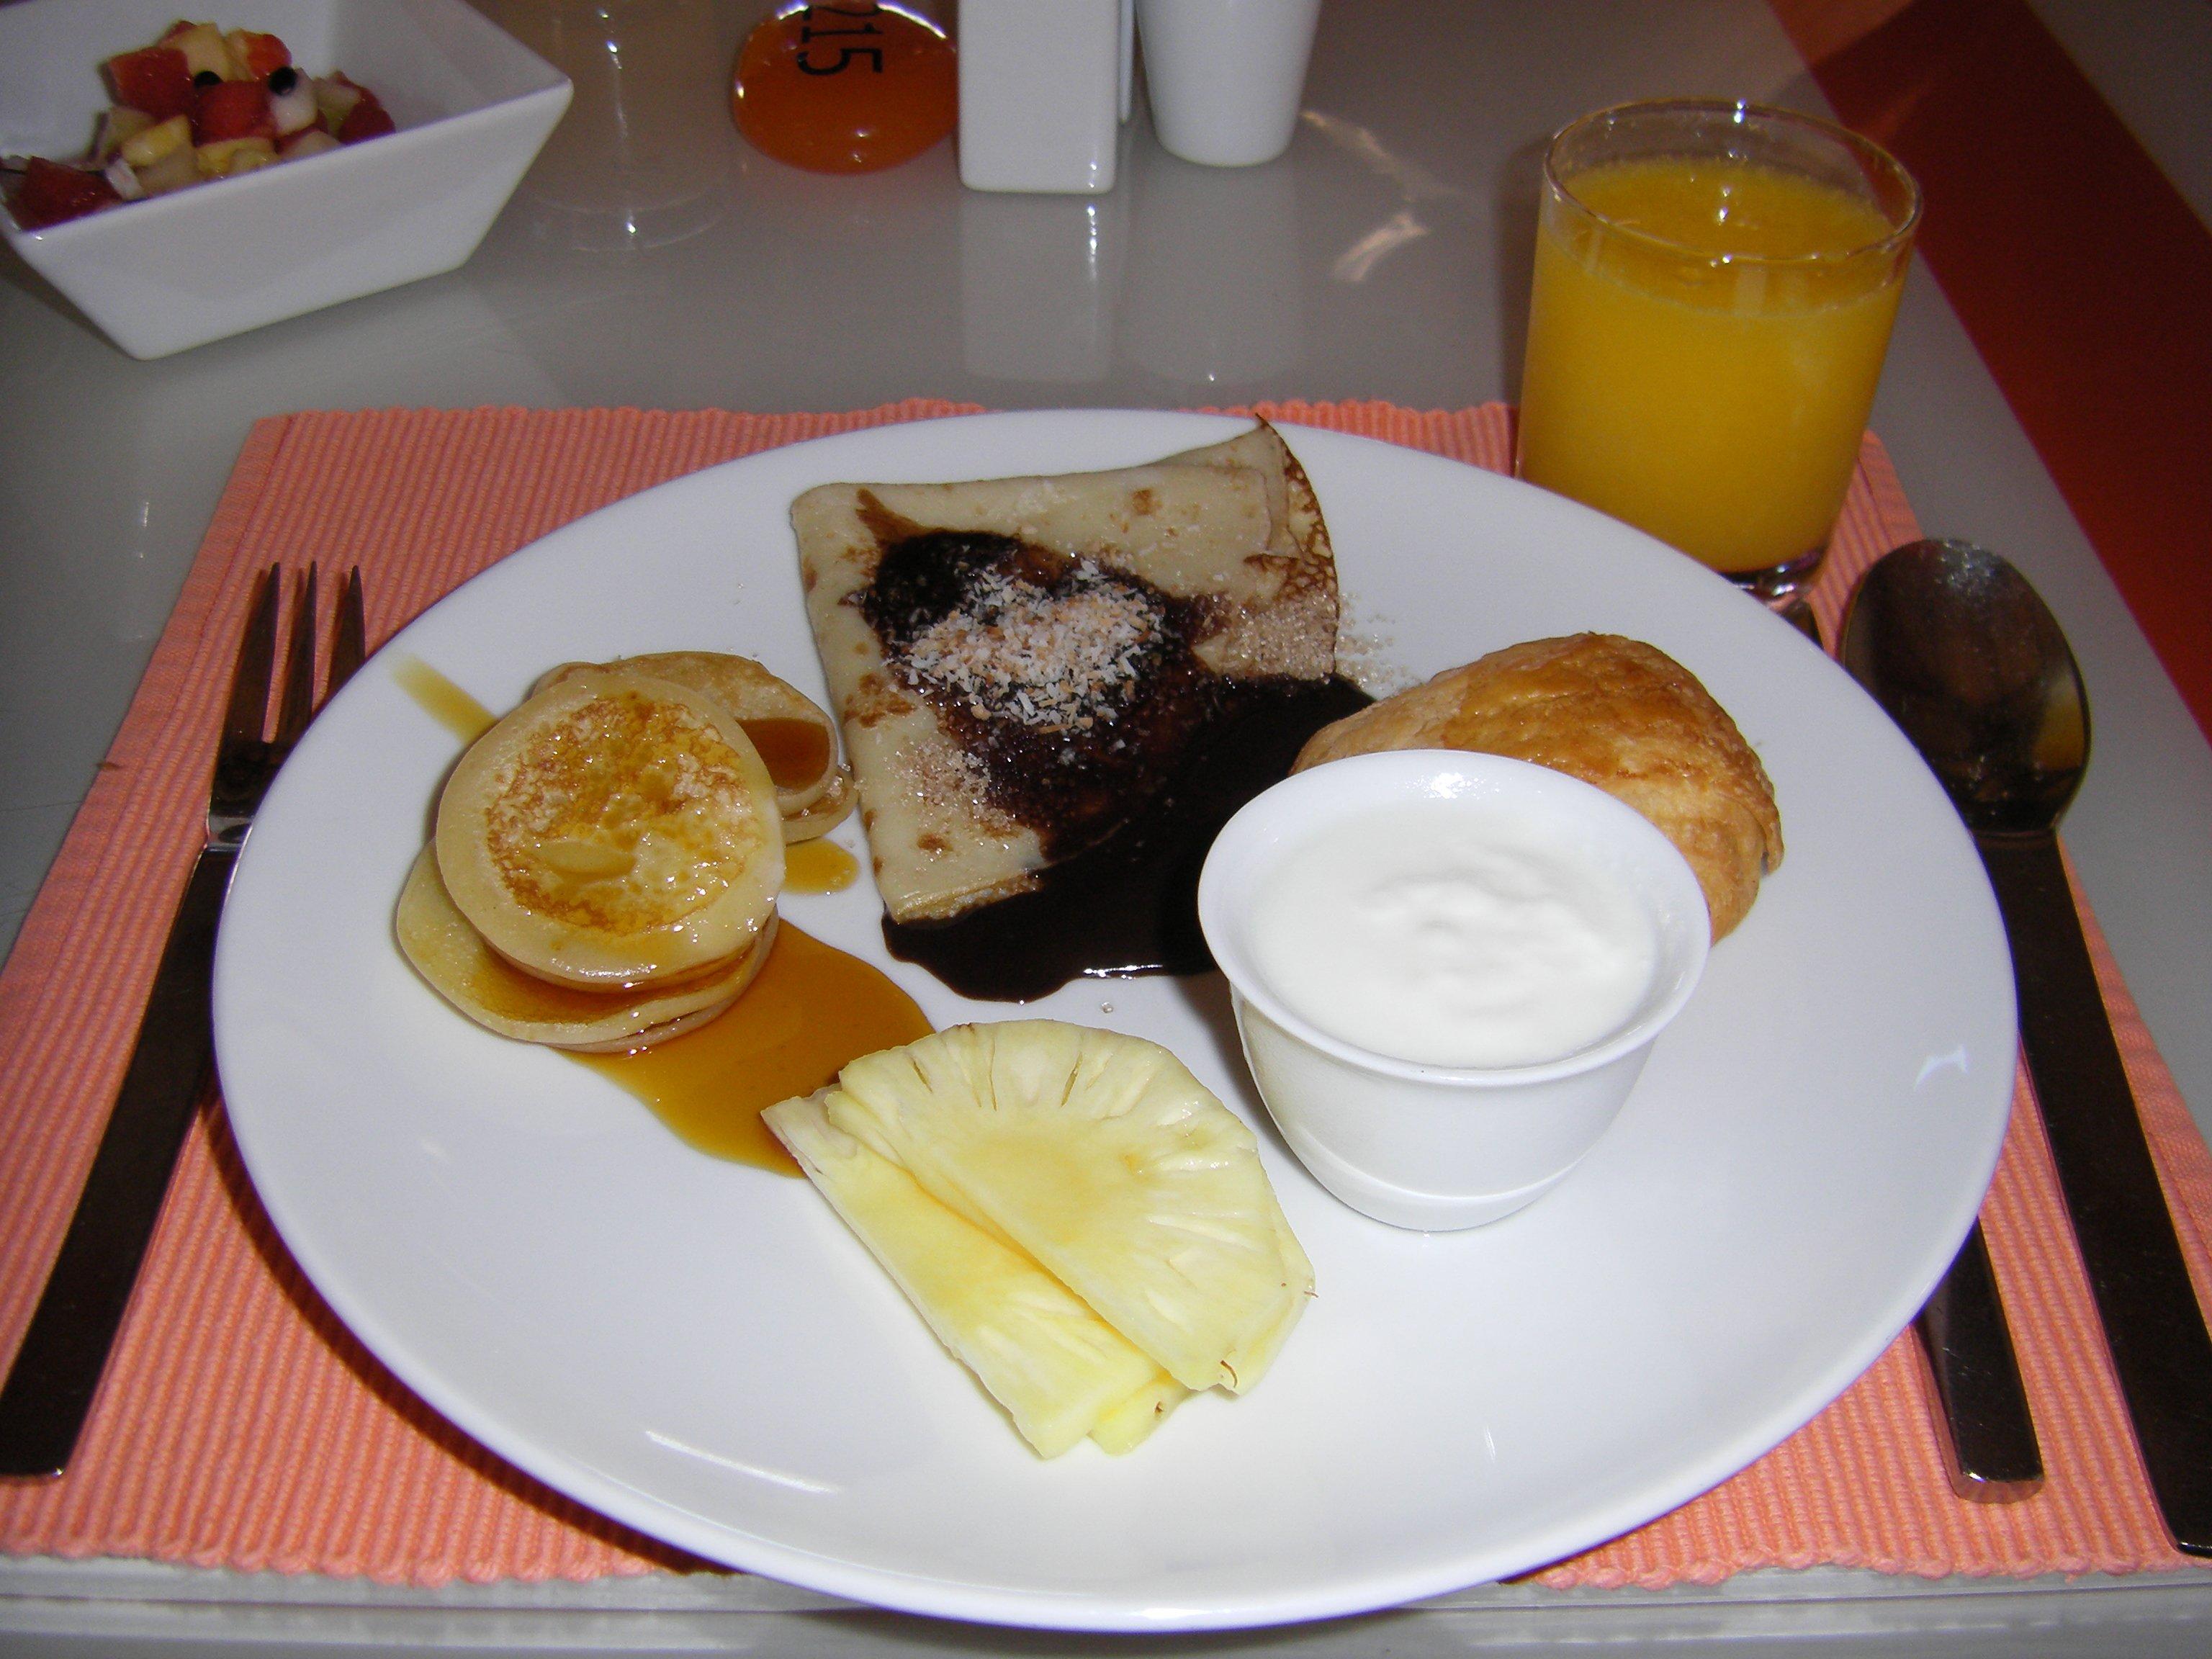 Super Images Gratuites : restaurant, plat, repas, aliments, produire, le  VD27